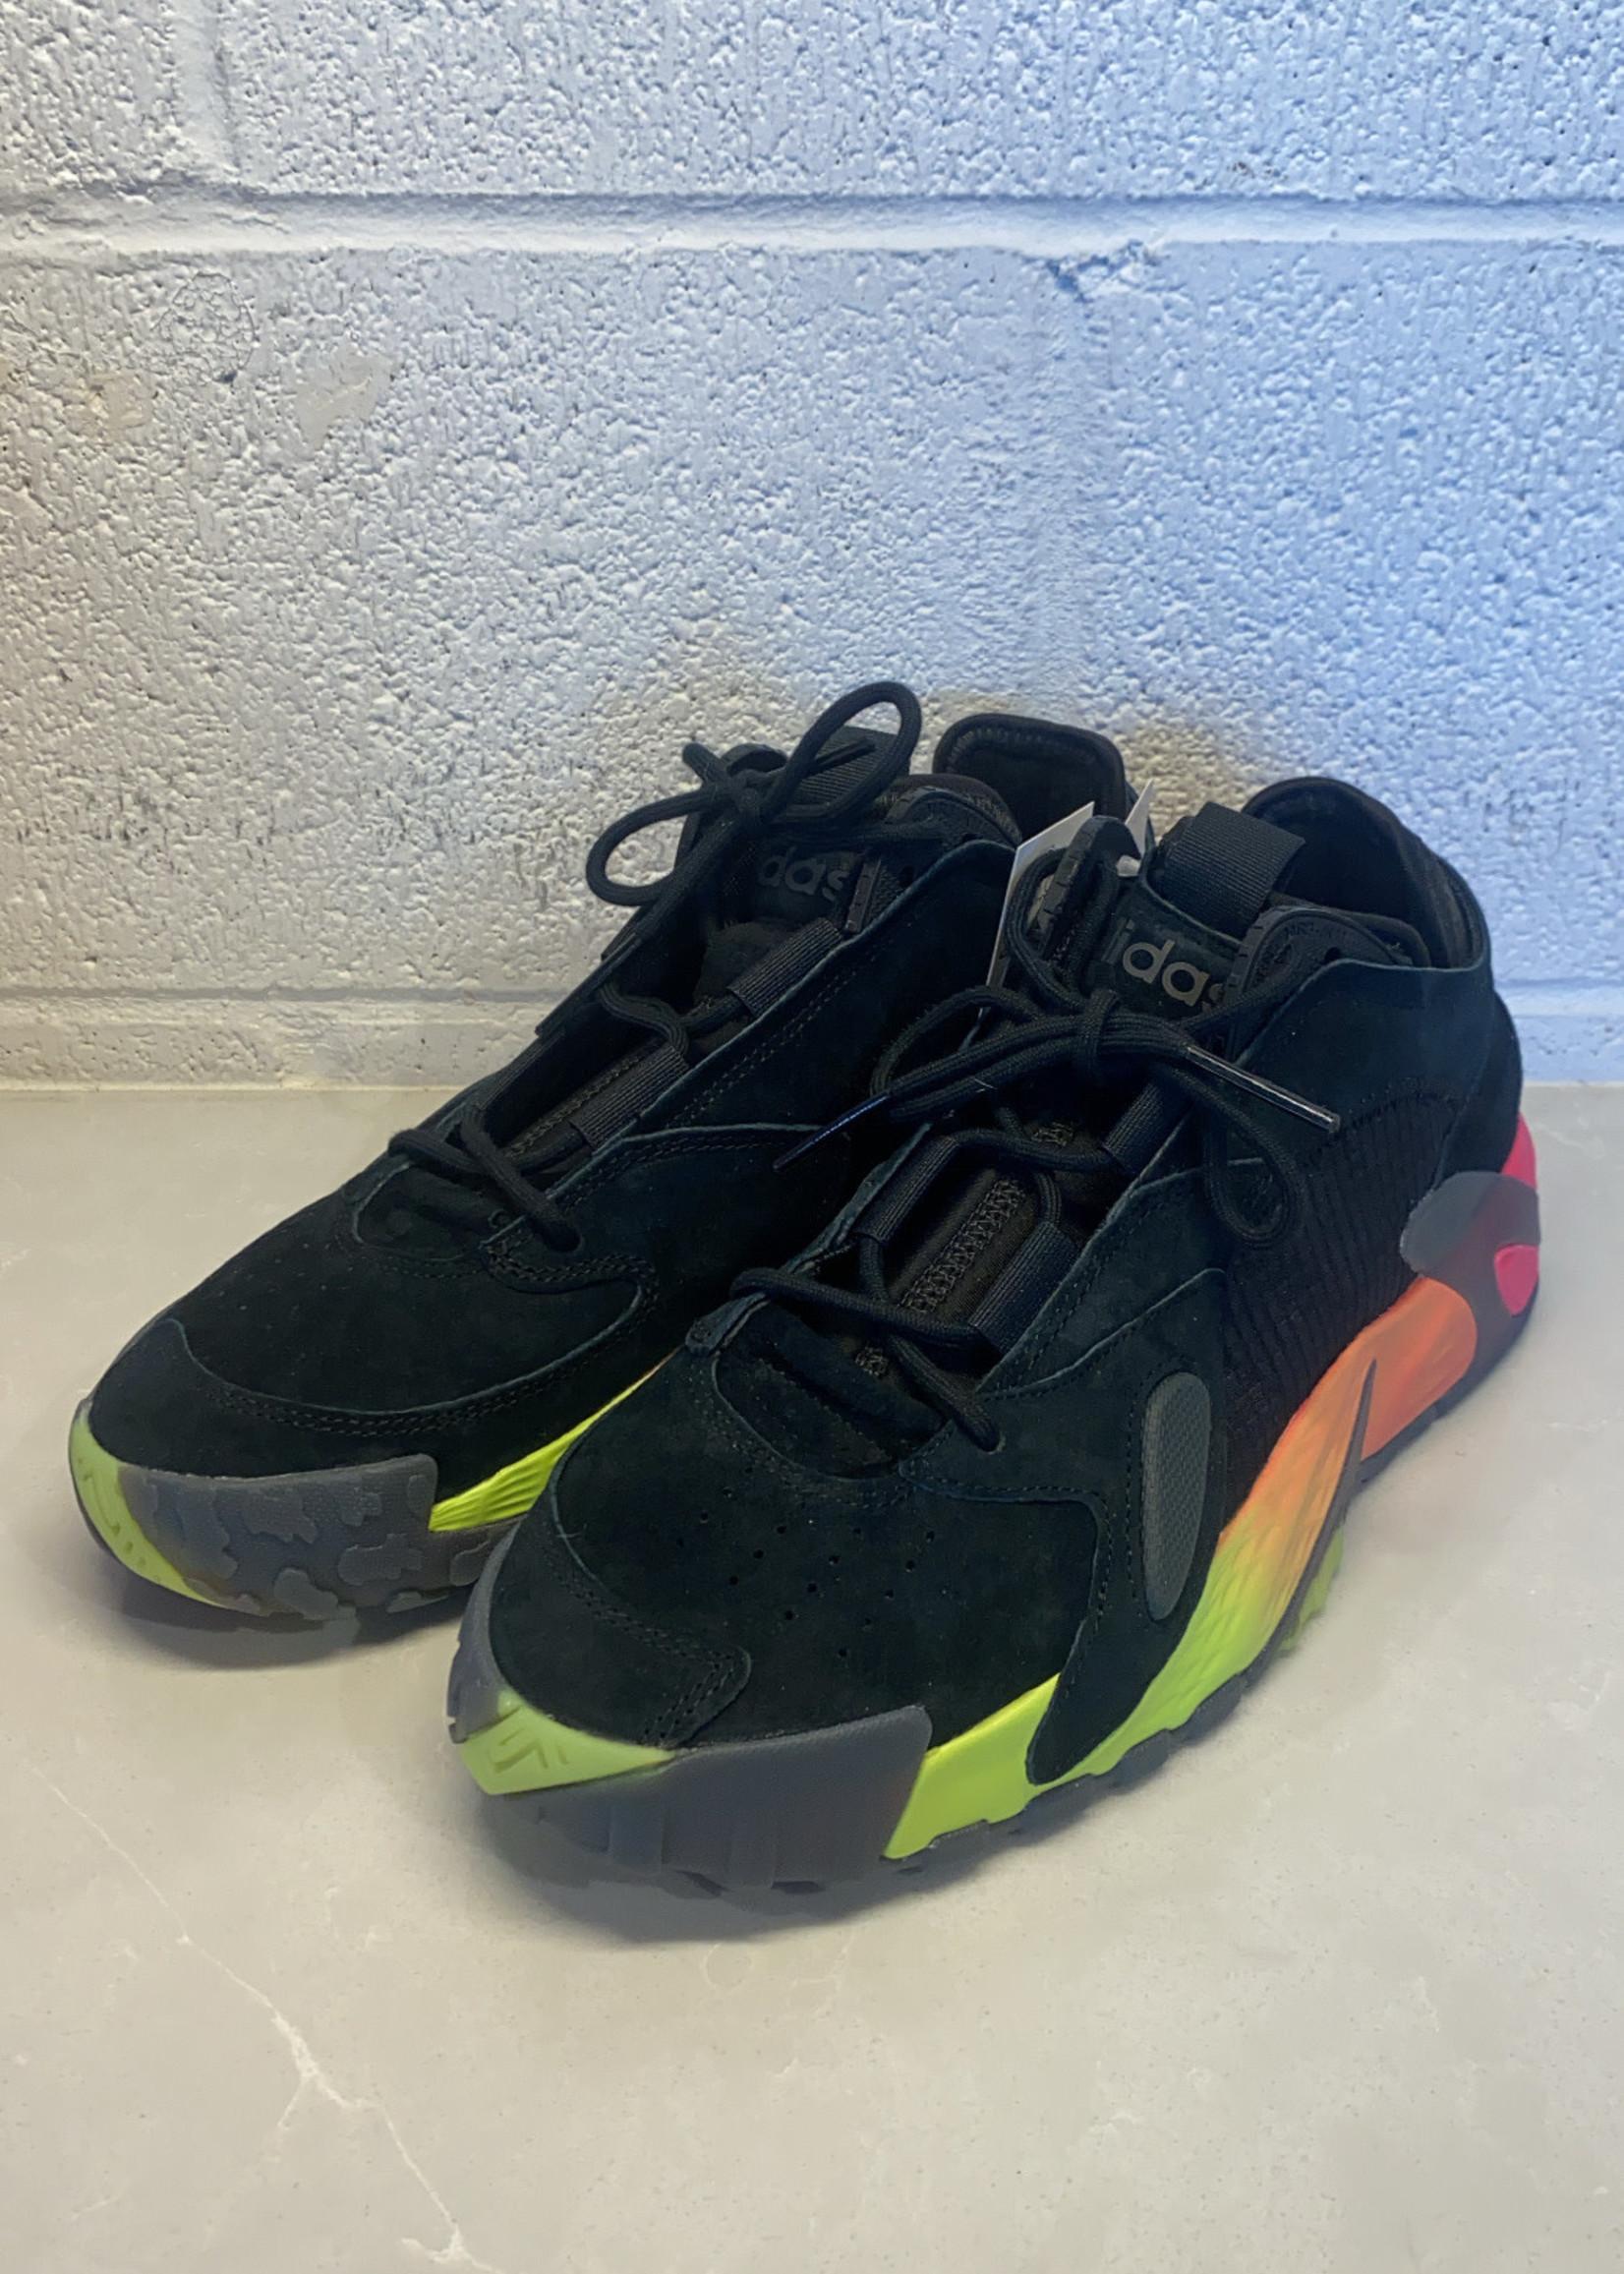 NWT Adidas Streeball Black Rainbow Sneakers 9